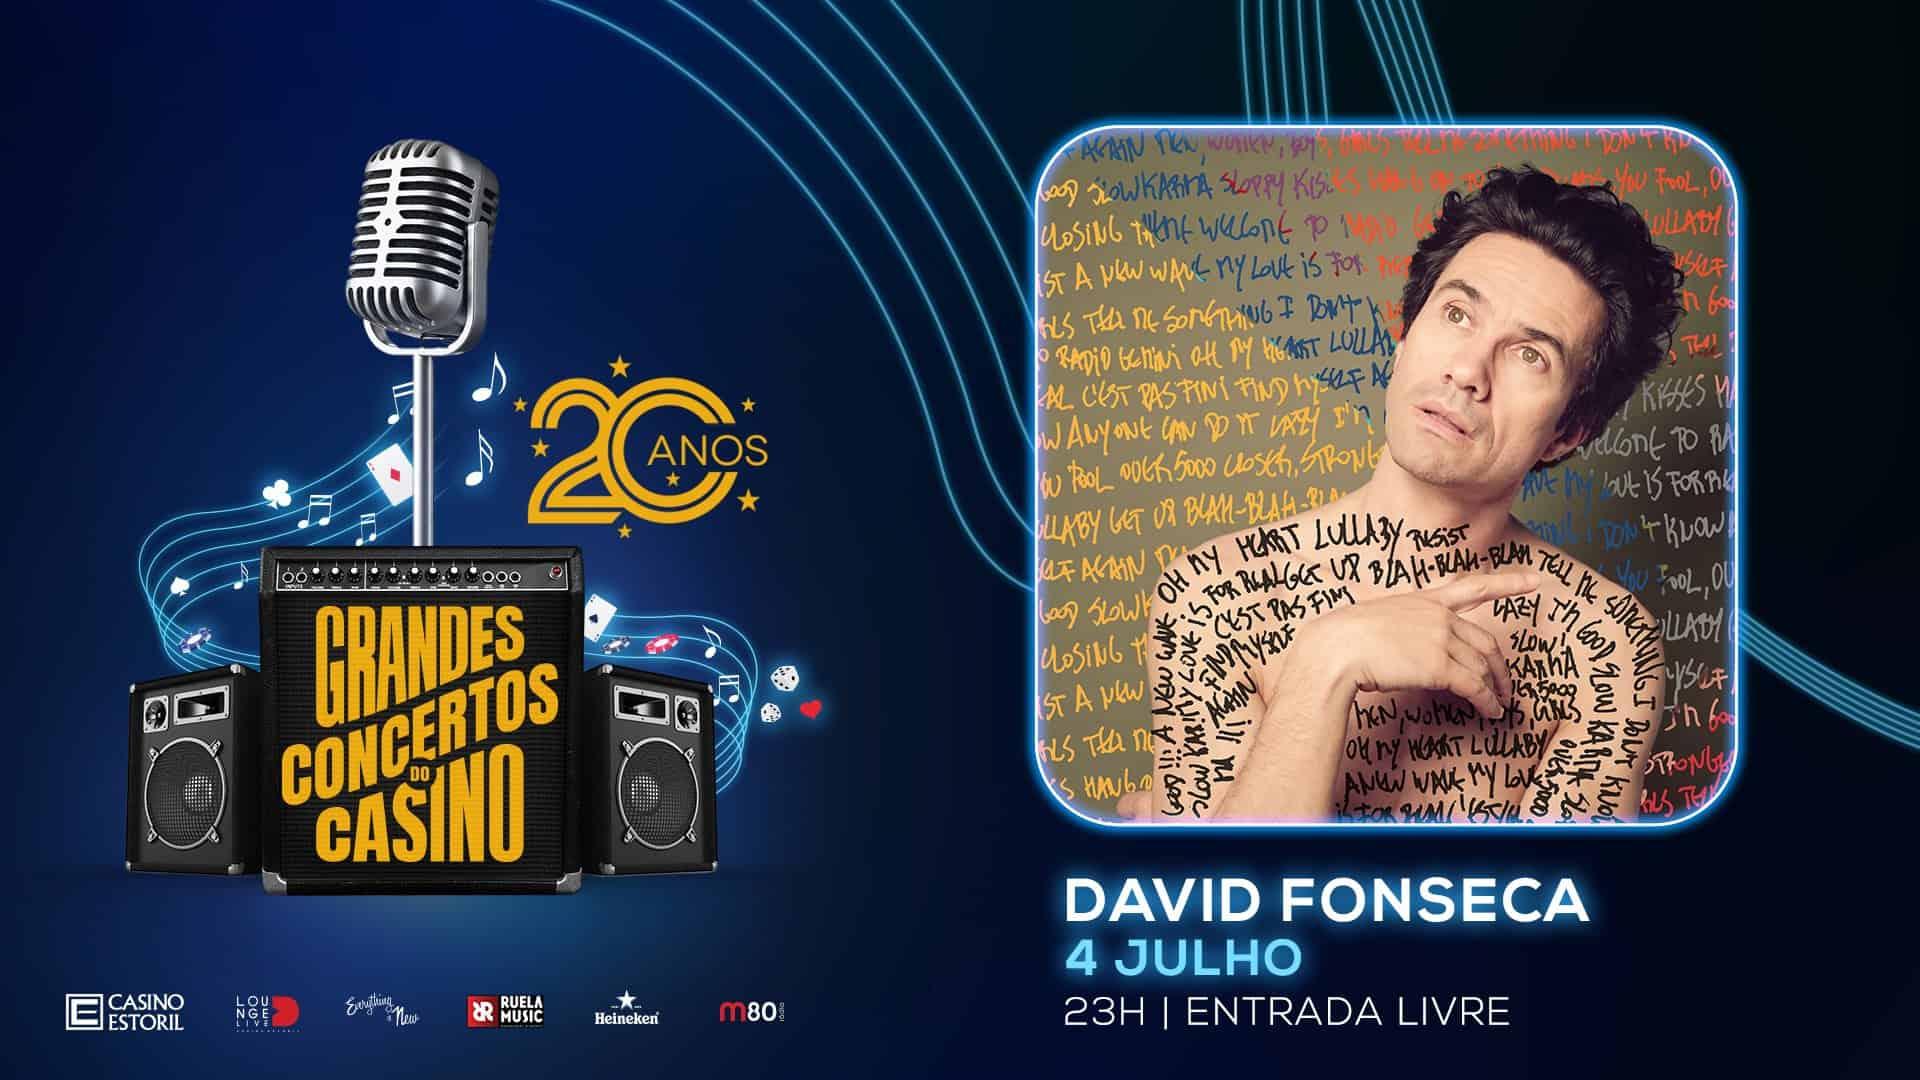 David Fonseca, um nome incontornável no panorama musical português, atua no dia 4 de Julho, pelas 23:00 nos Grandes Concertos do Casino 2019. O Lounge D do Casino Estoril vai acolher este sempre surpreendente artista, para um espetáculo de incomparável criatividade, com entrada livre.